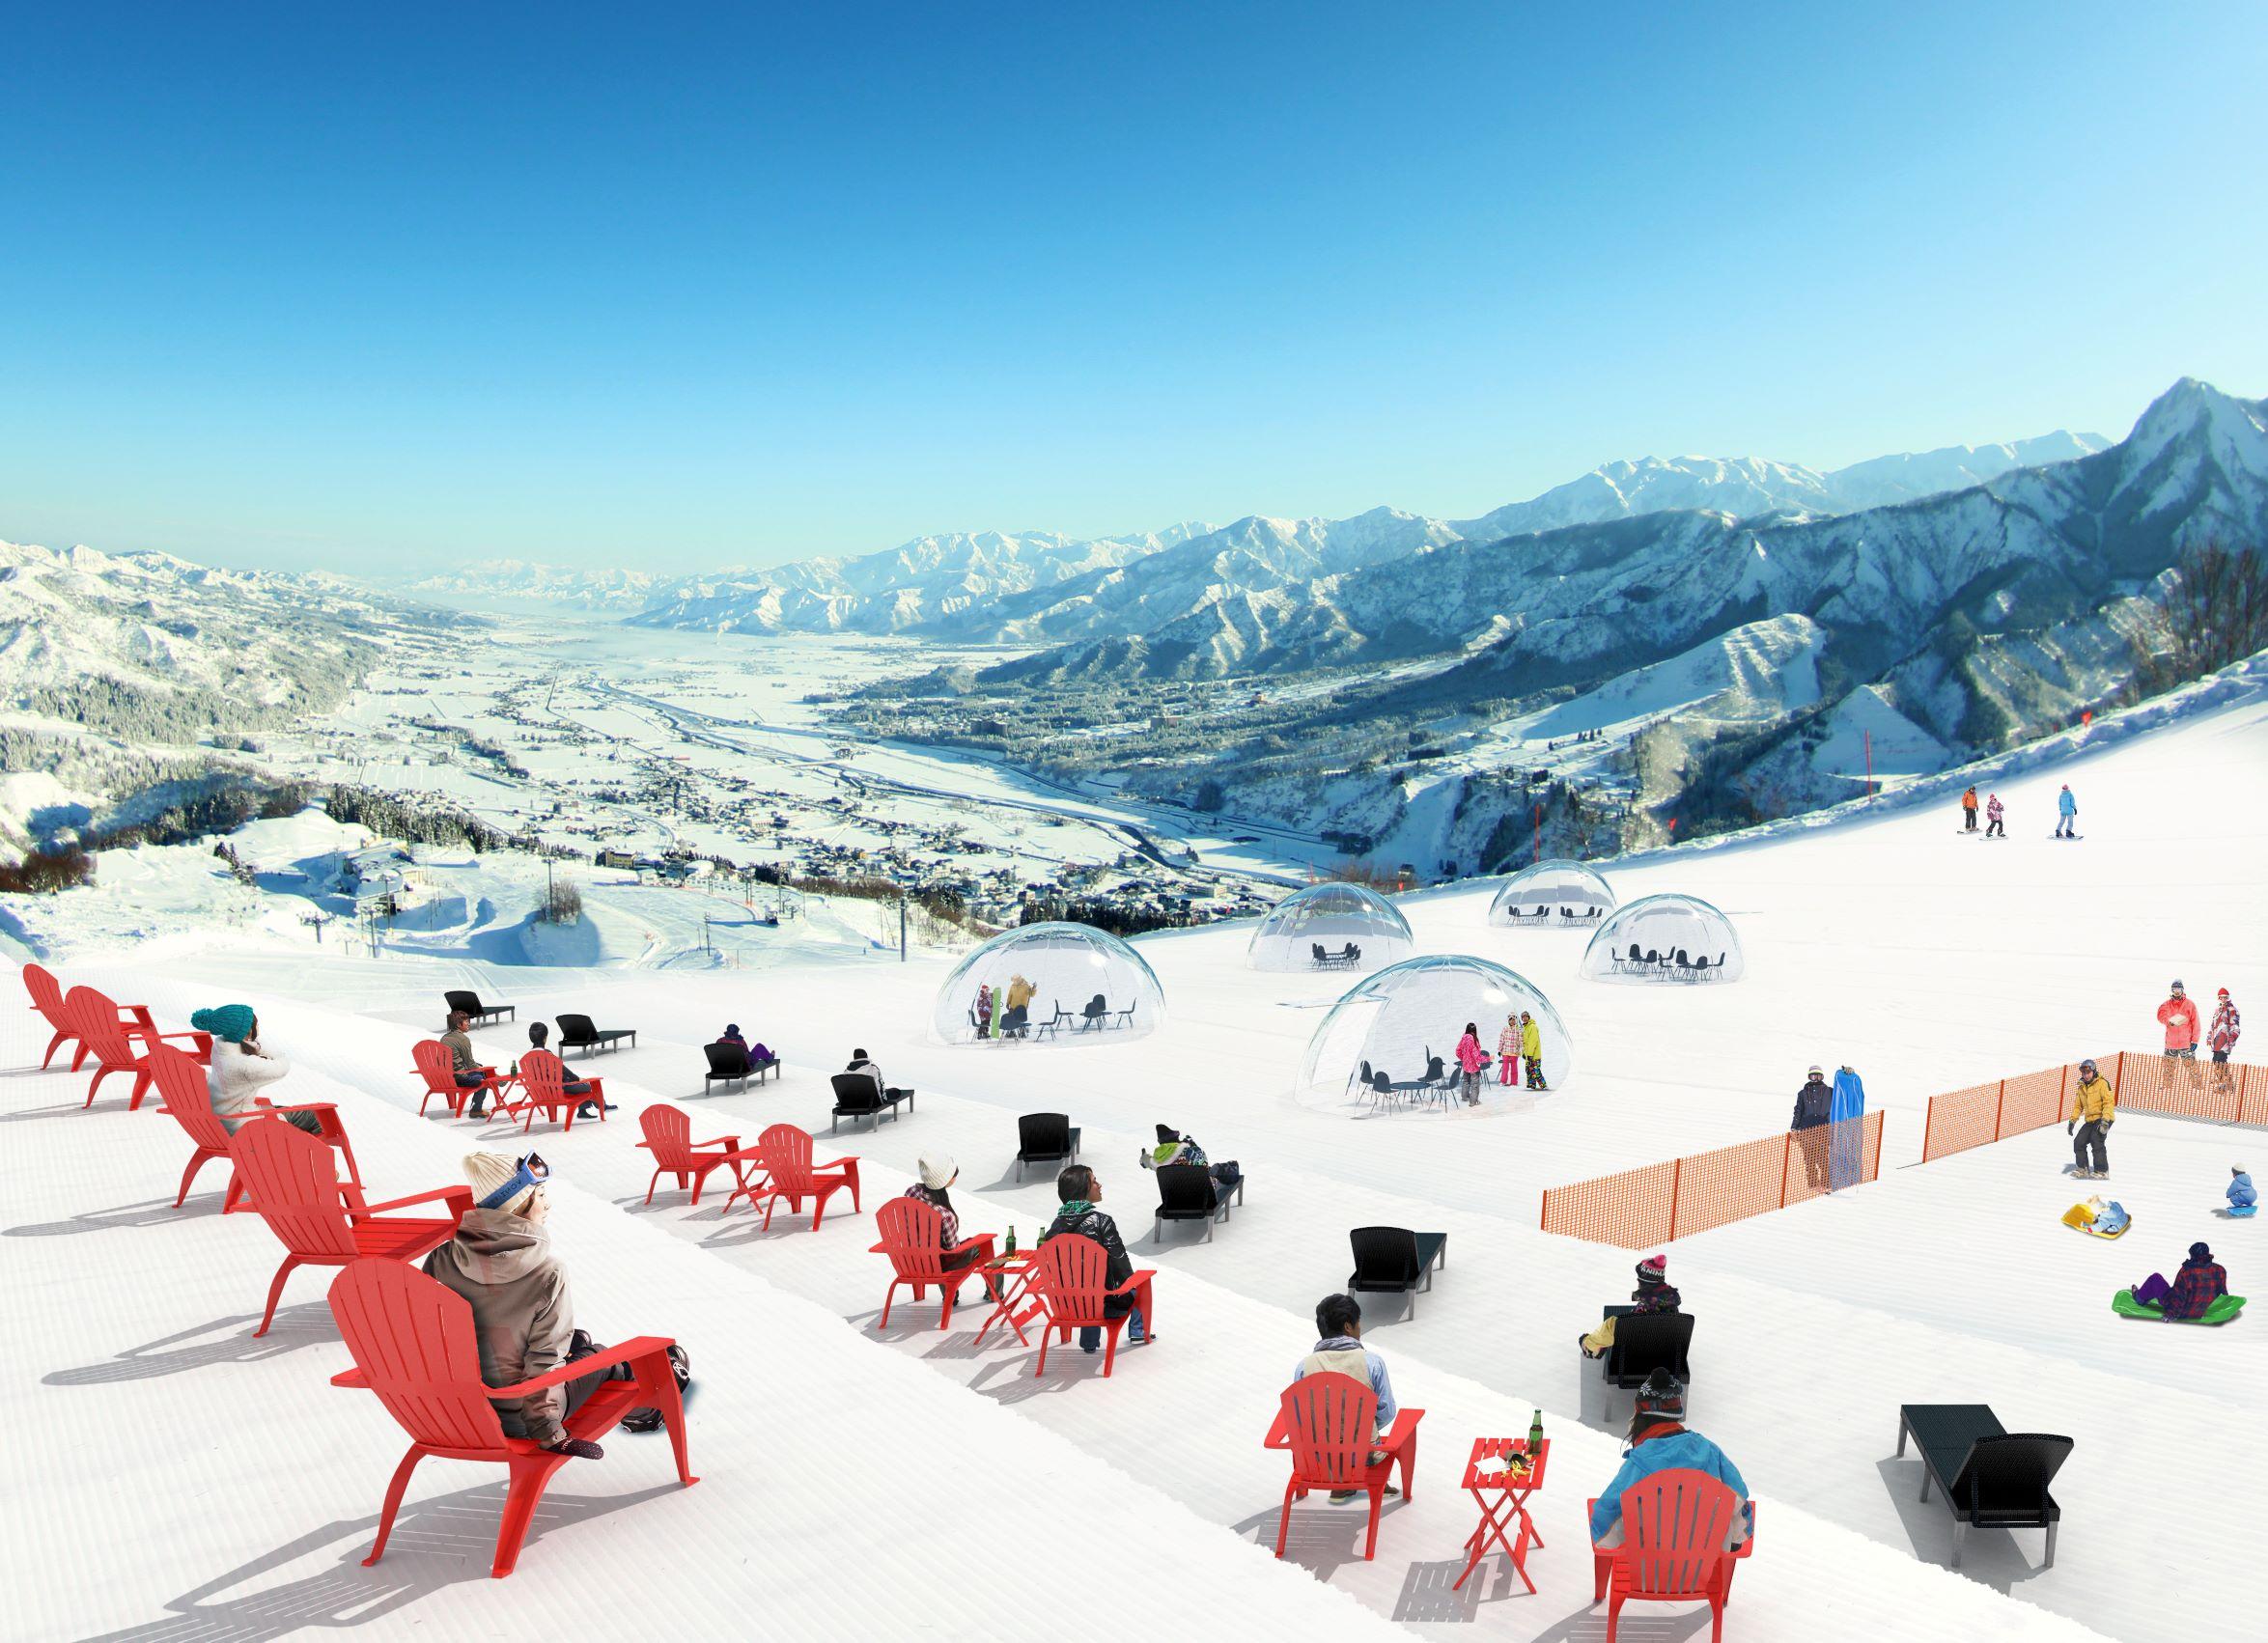 スキーだけではない「スマートなアウトドア」石打丸山スキー場スキー場が提案。新しいスノーアクティビティ!スノーガーデンエリア 2020年12月26日オープン!